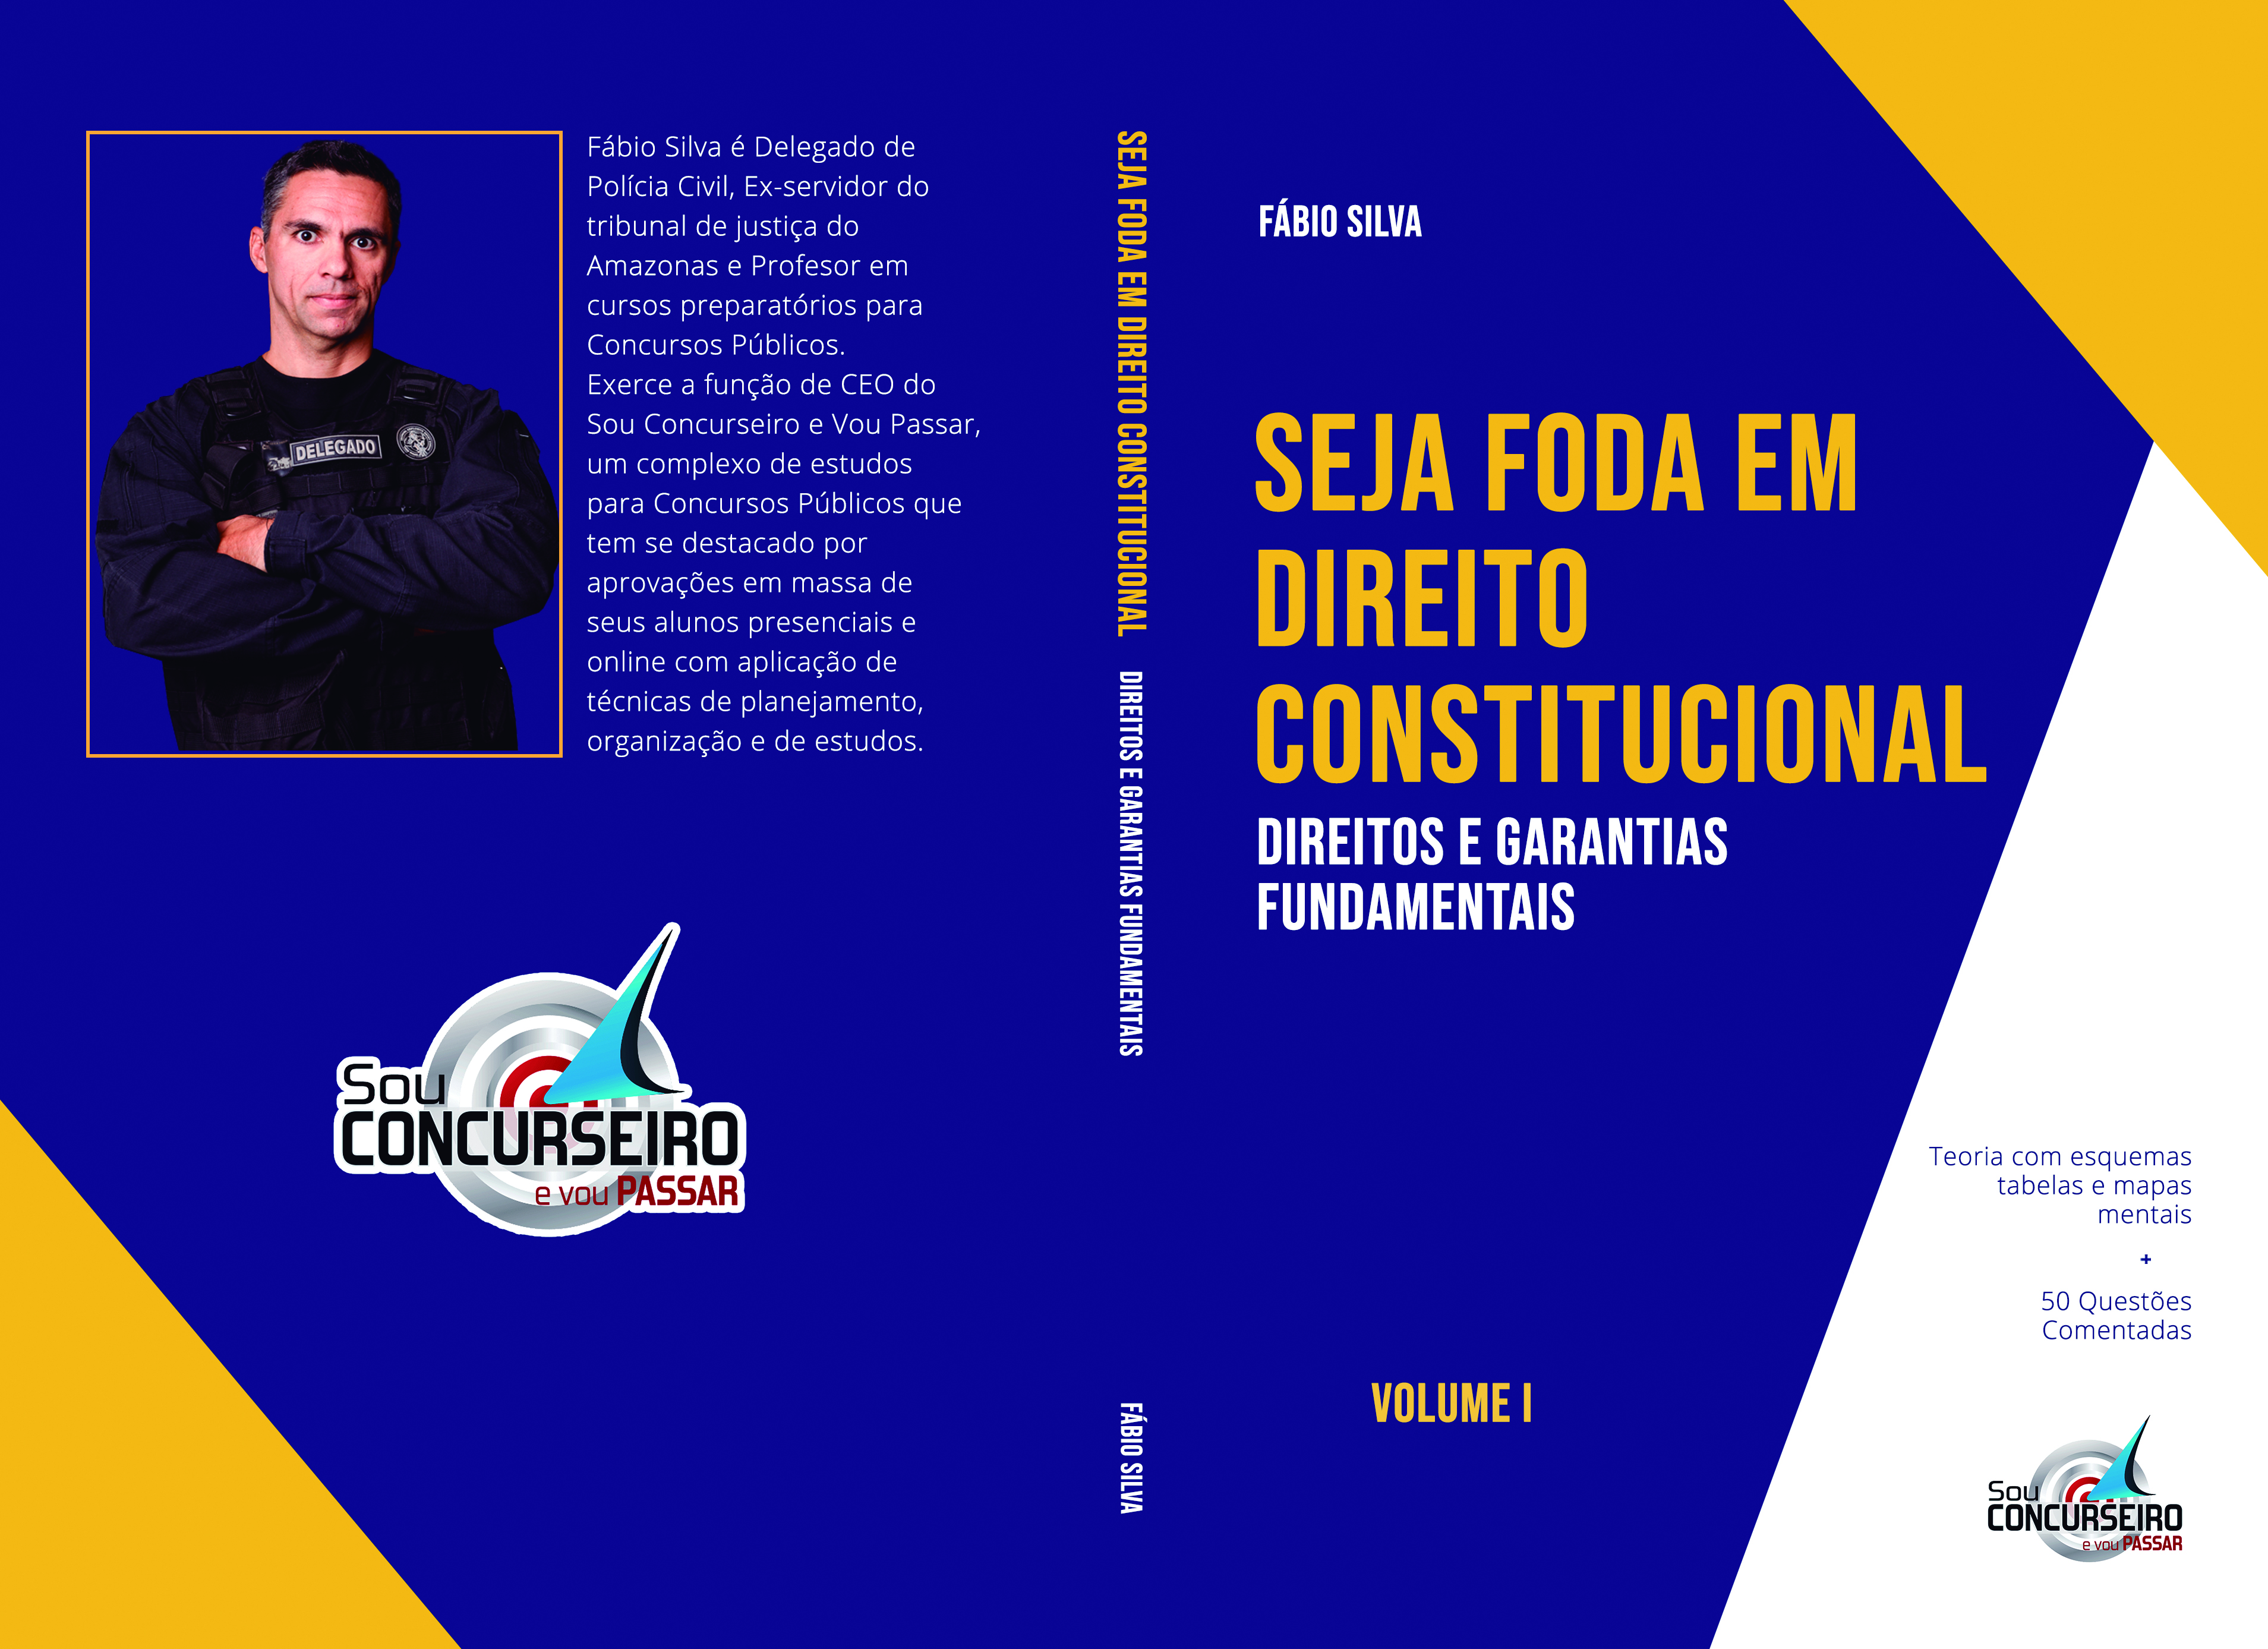 EBOOK | SEJA FODA EM DIREITO CONSTITUCIONAL - VOLUME I